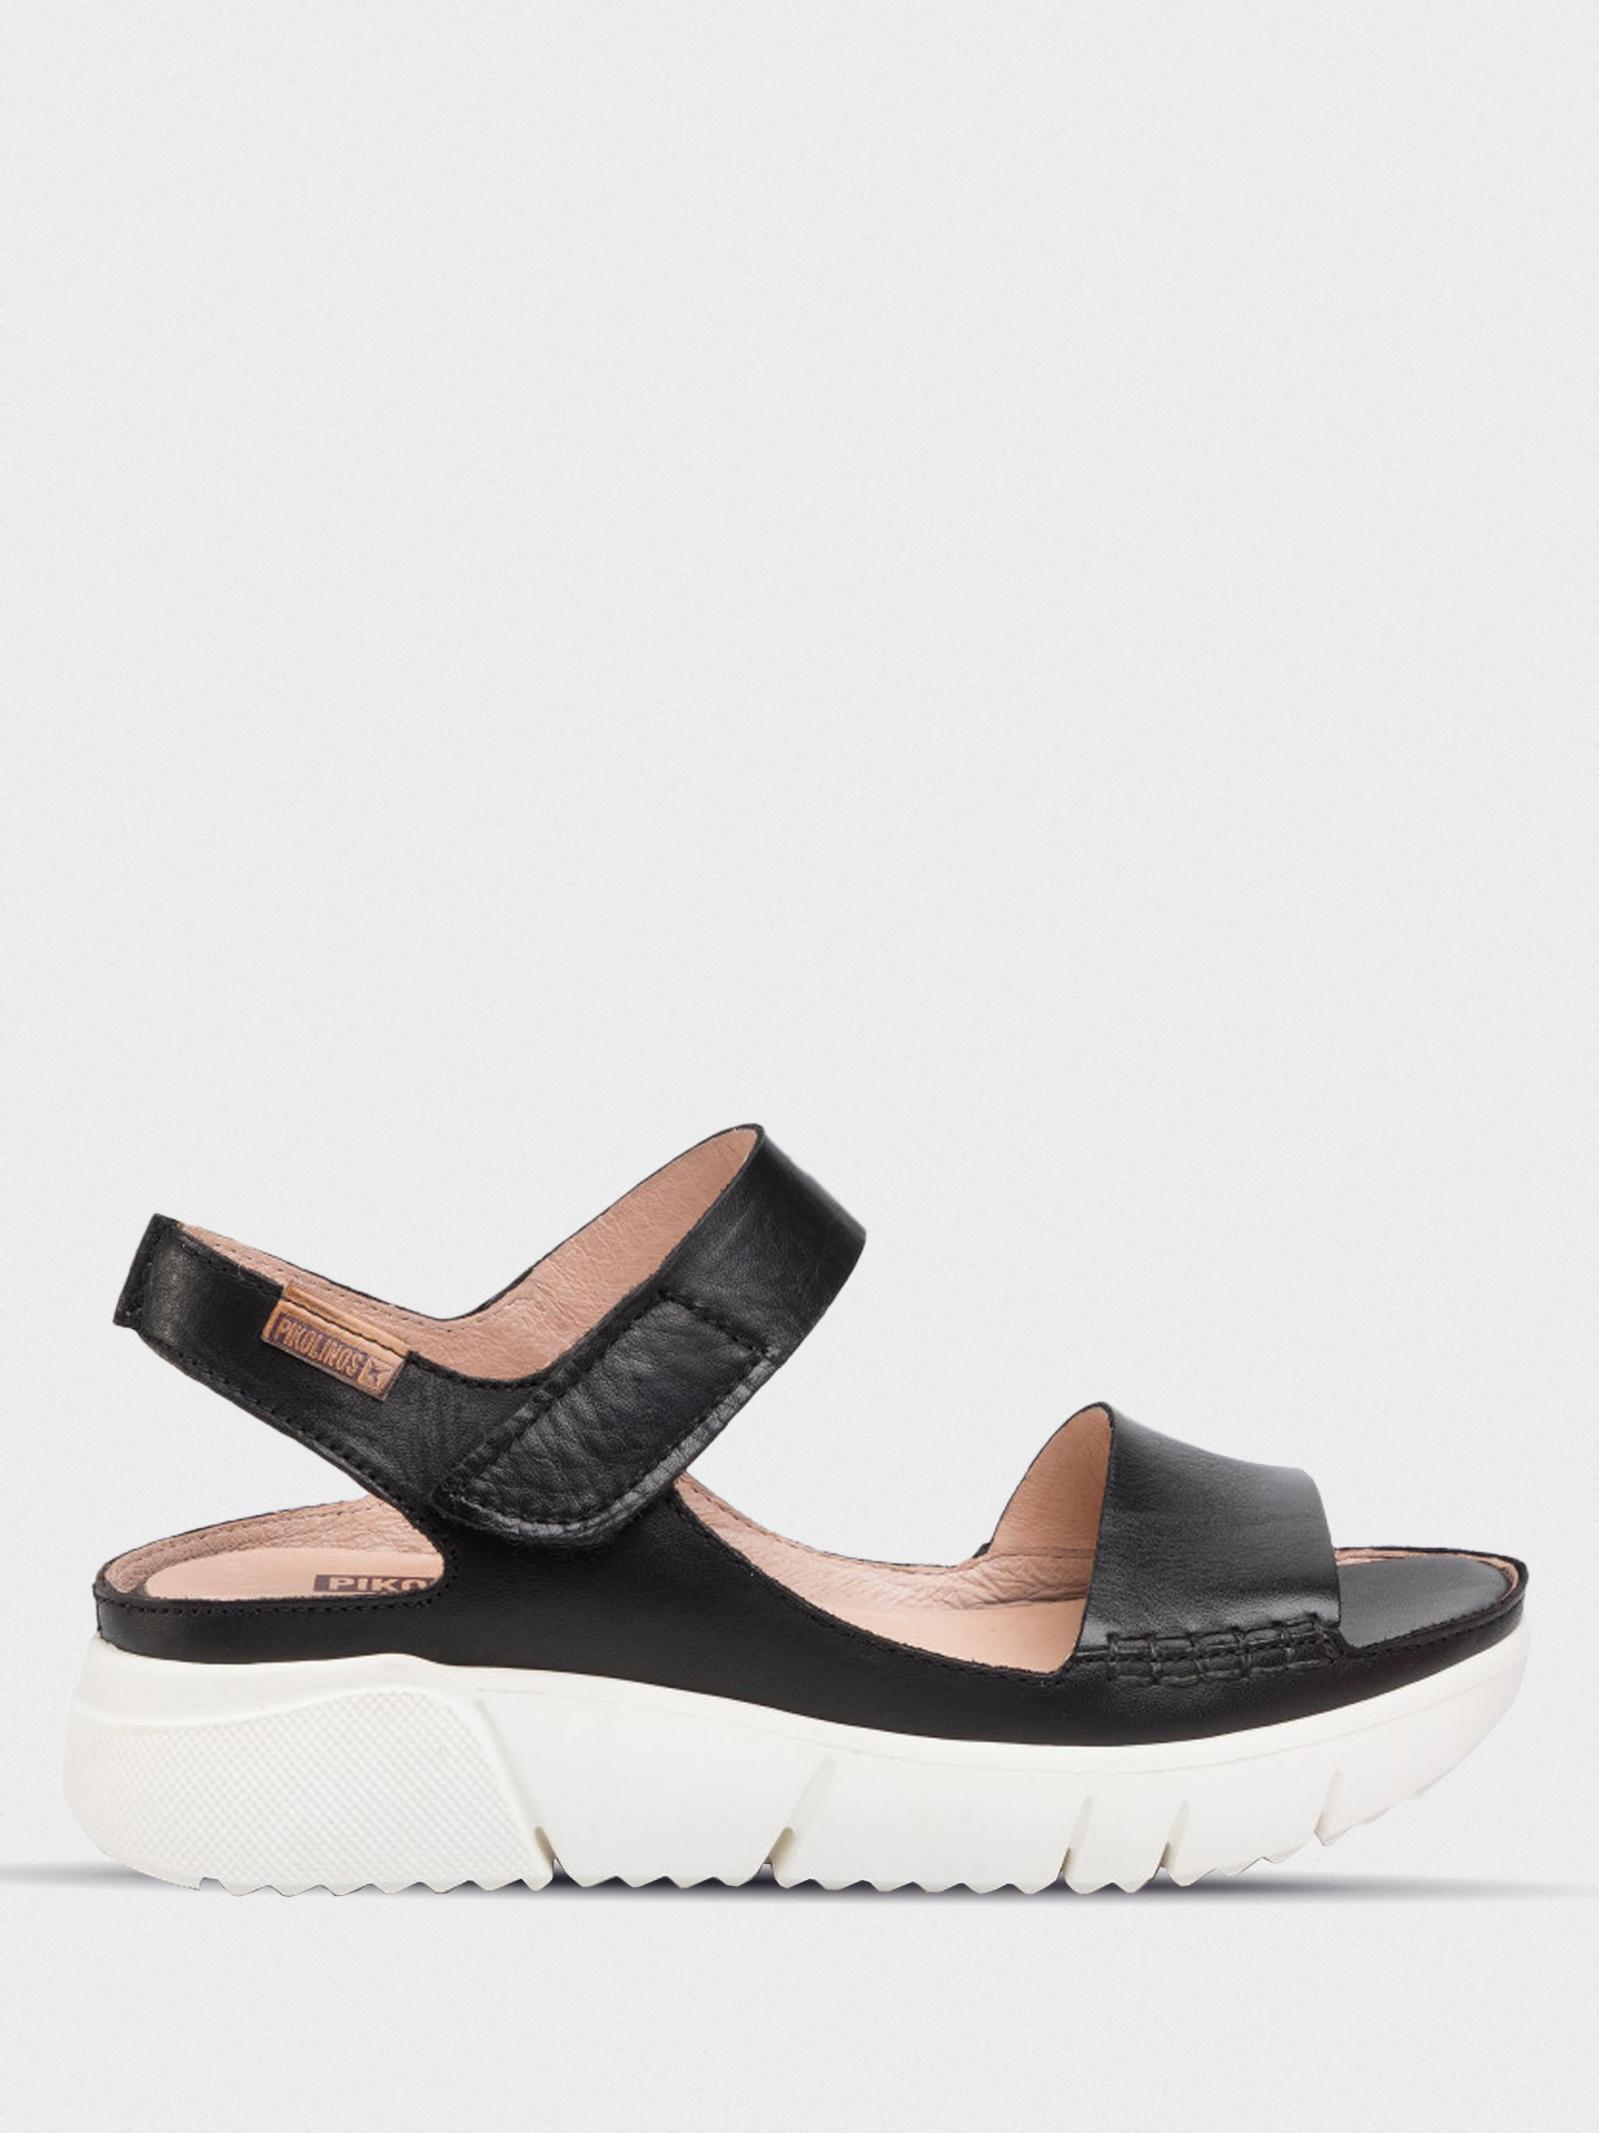 Босоніжки  жіночі PIKOLINOS W0C-0963_BLACK розміри взуття, 2017